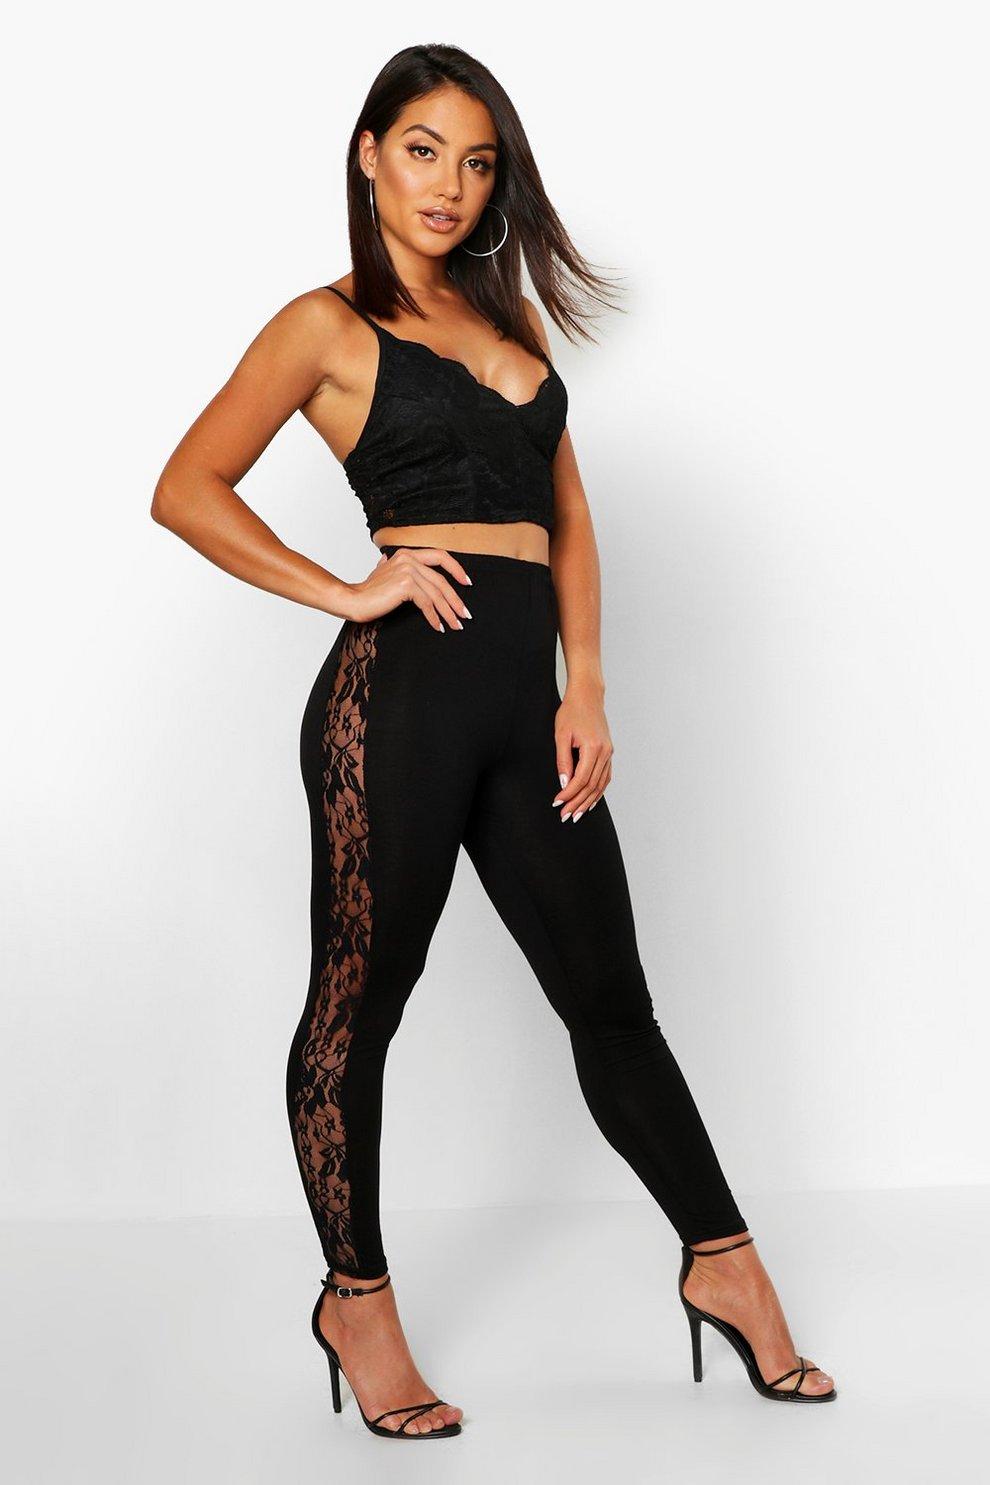 00410a2f4bd09 Lace Side Jersey Leggings